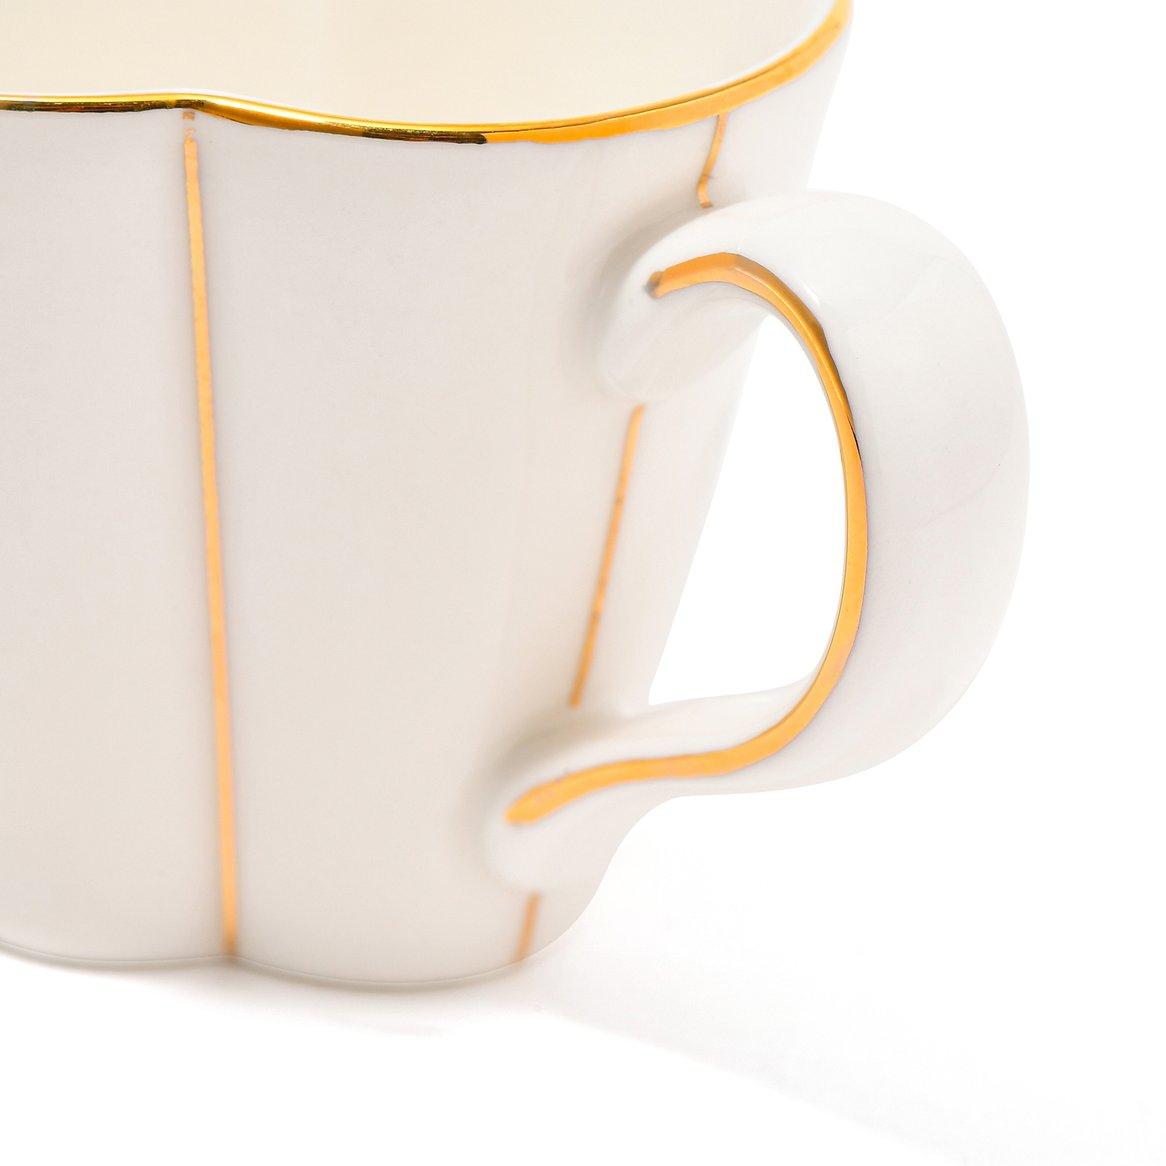 Francfranc(フランフラン) おうちカフェセット 2 personsの商品画像26